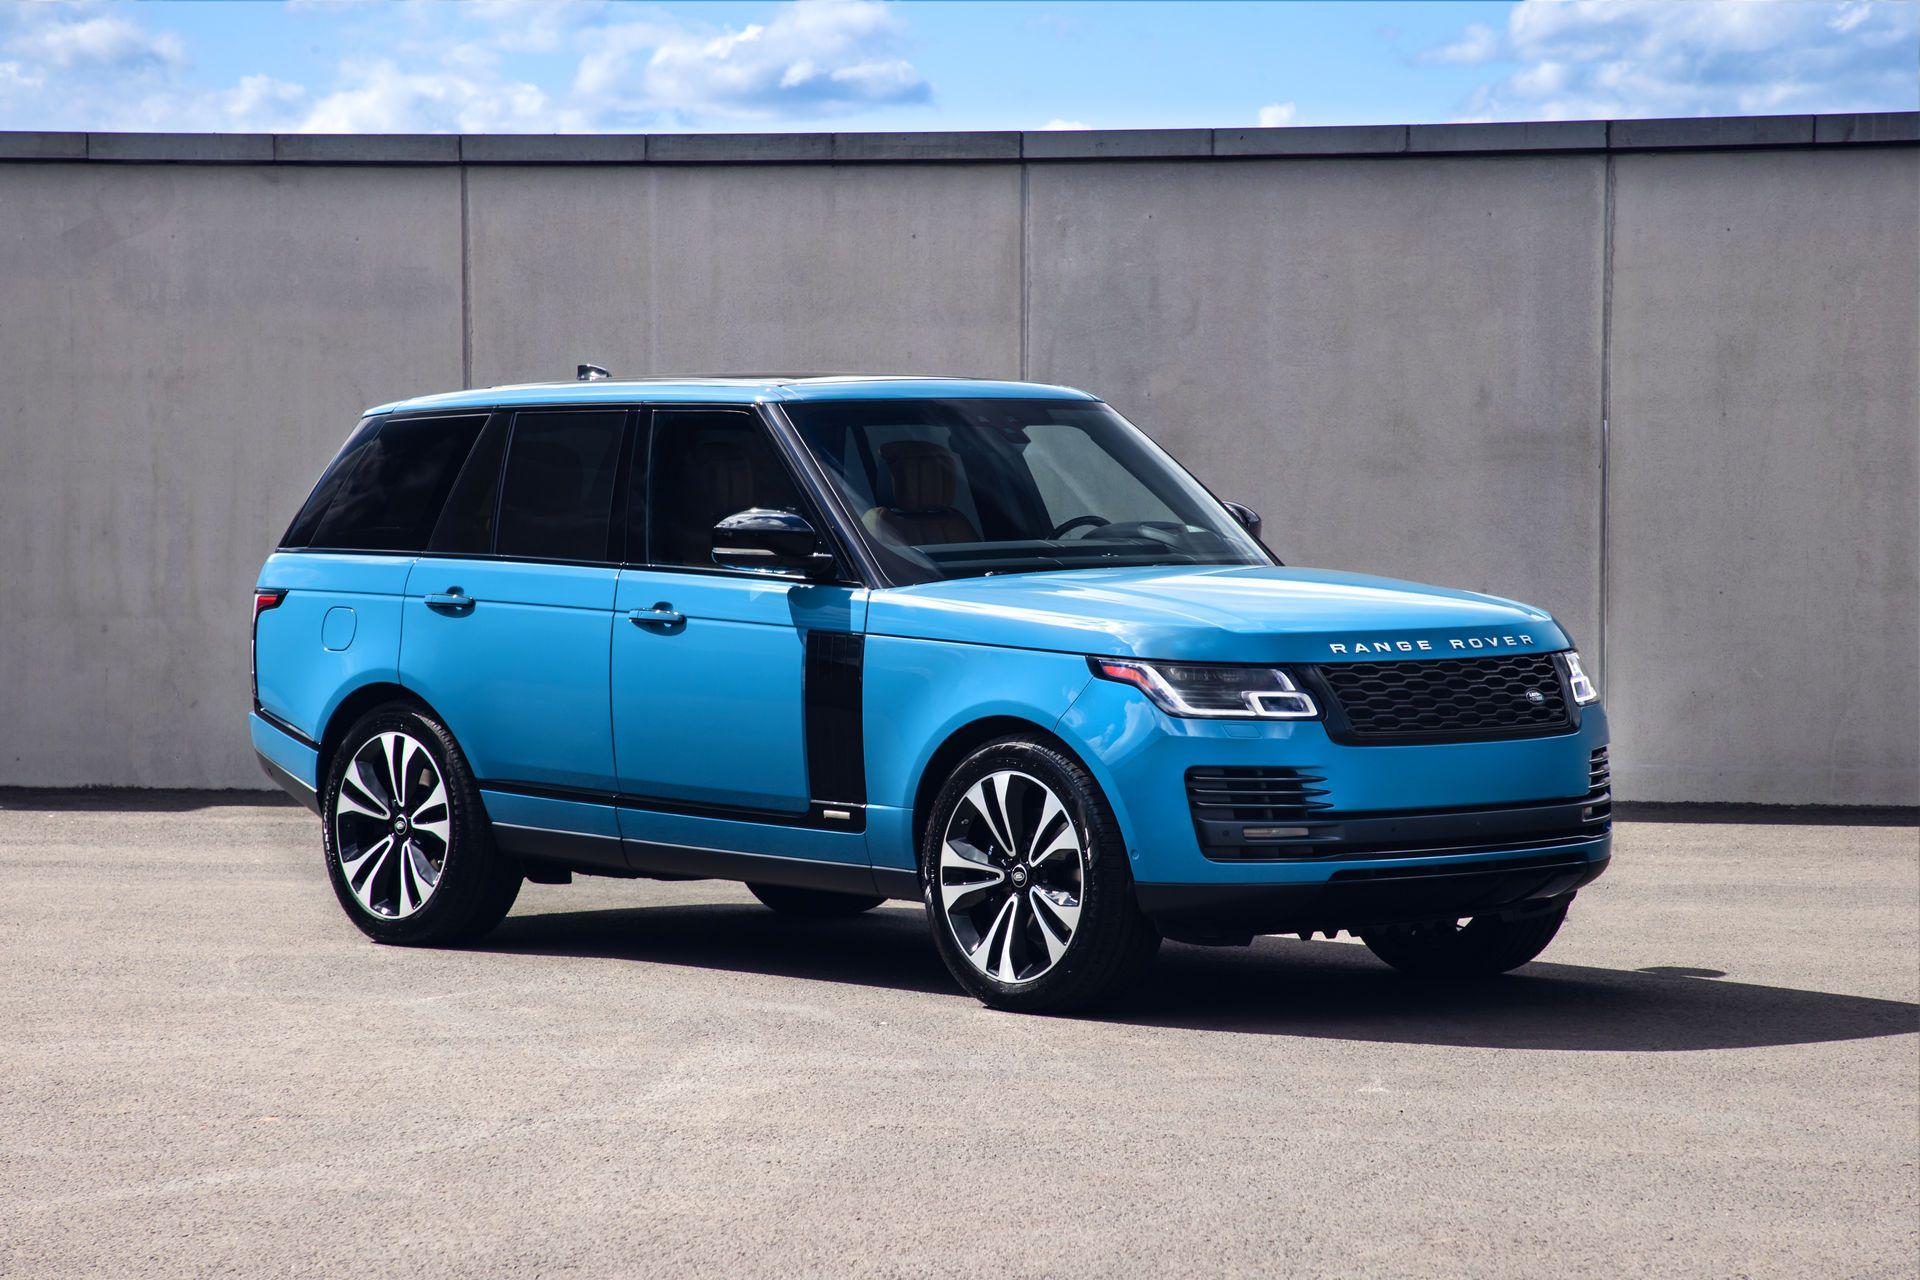 2021-Range-Rover-19